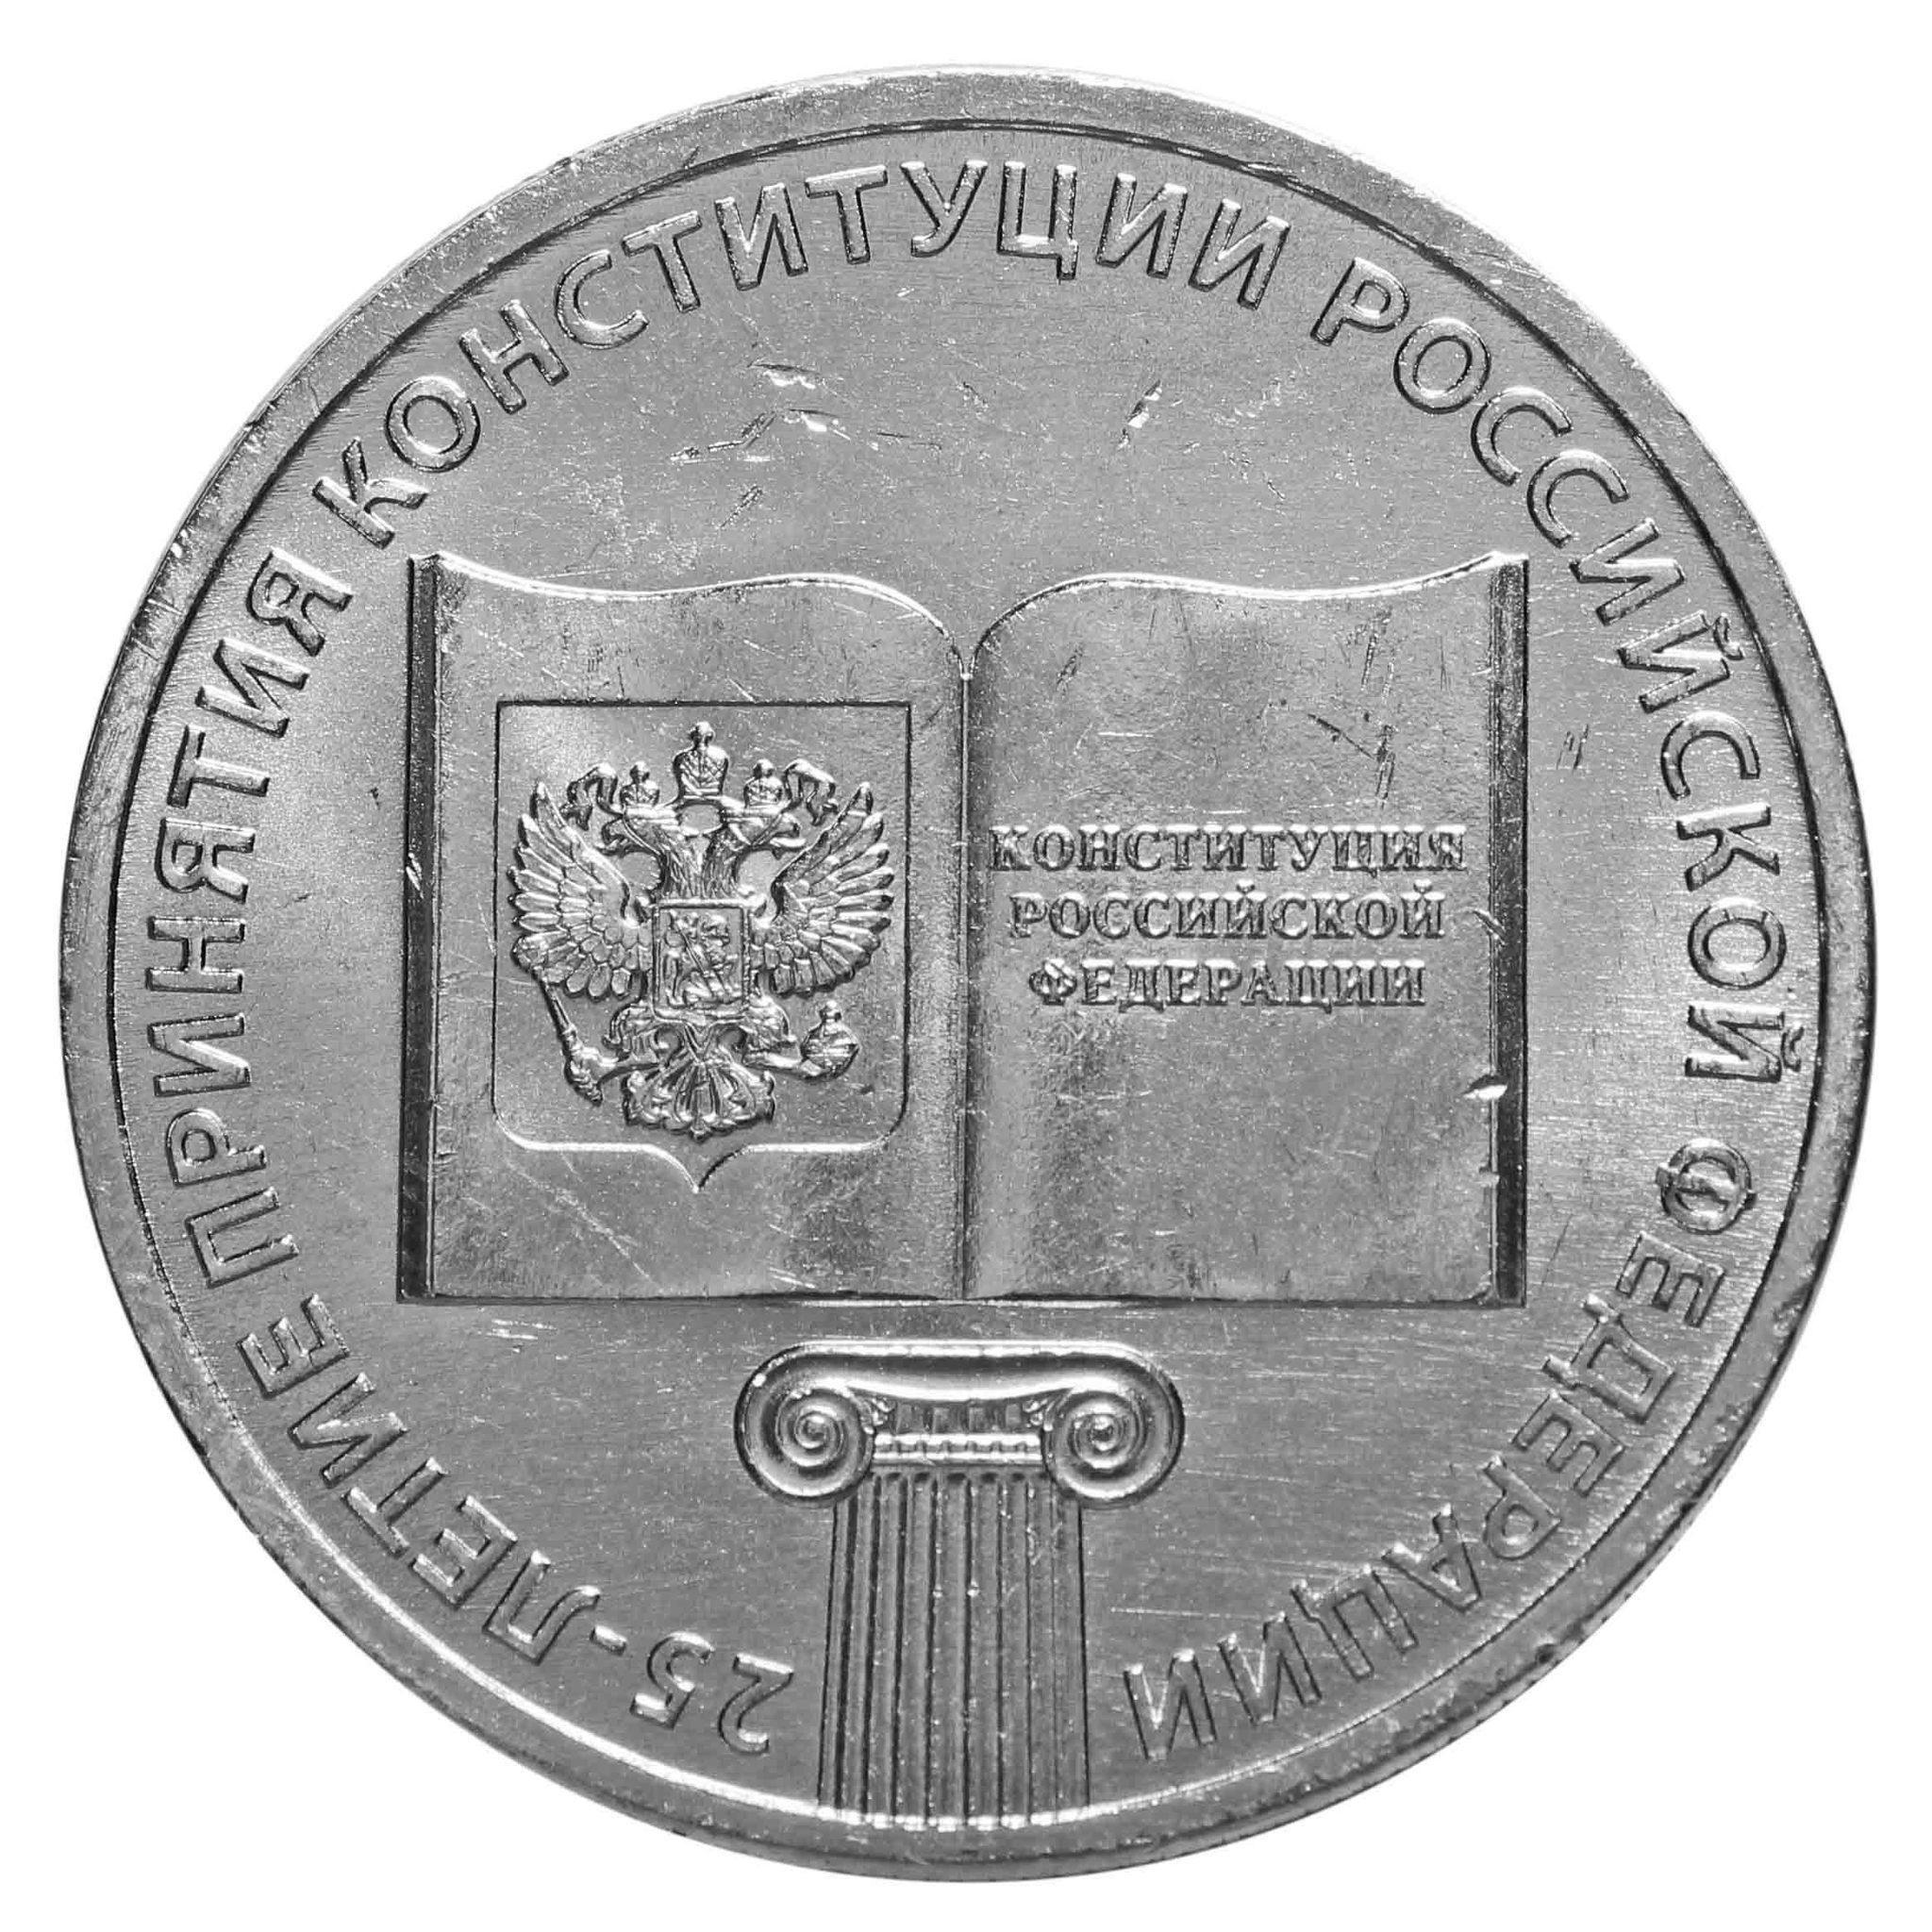 25 рублей. 25-летие принятия Конституции Российской Федерации. 2018 год